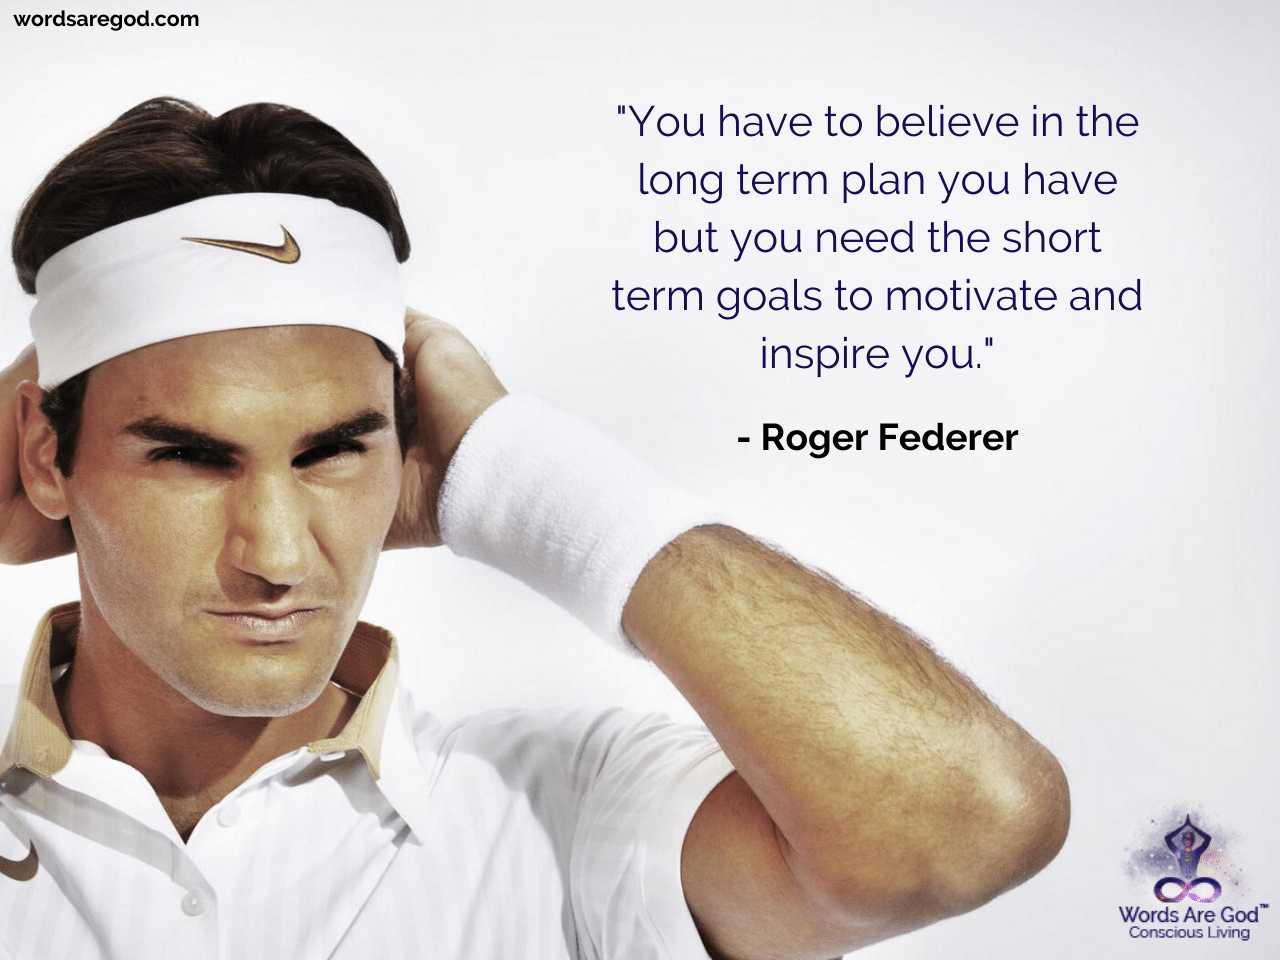 Roger Federer Motivational Quote